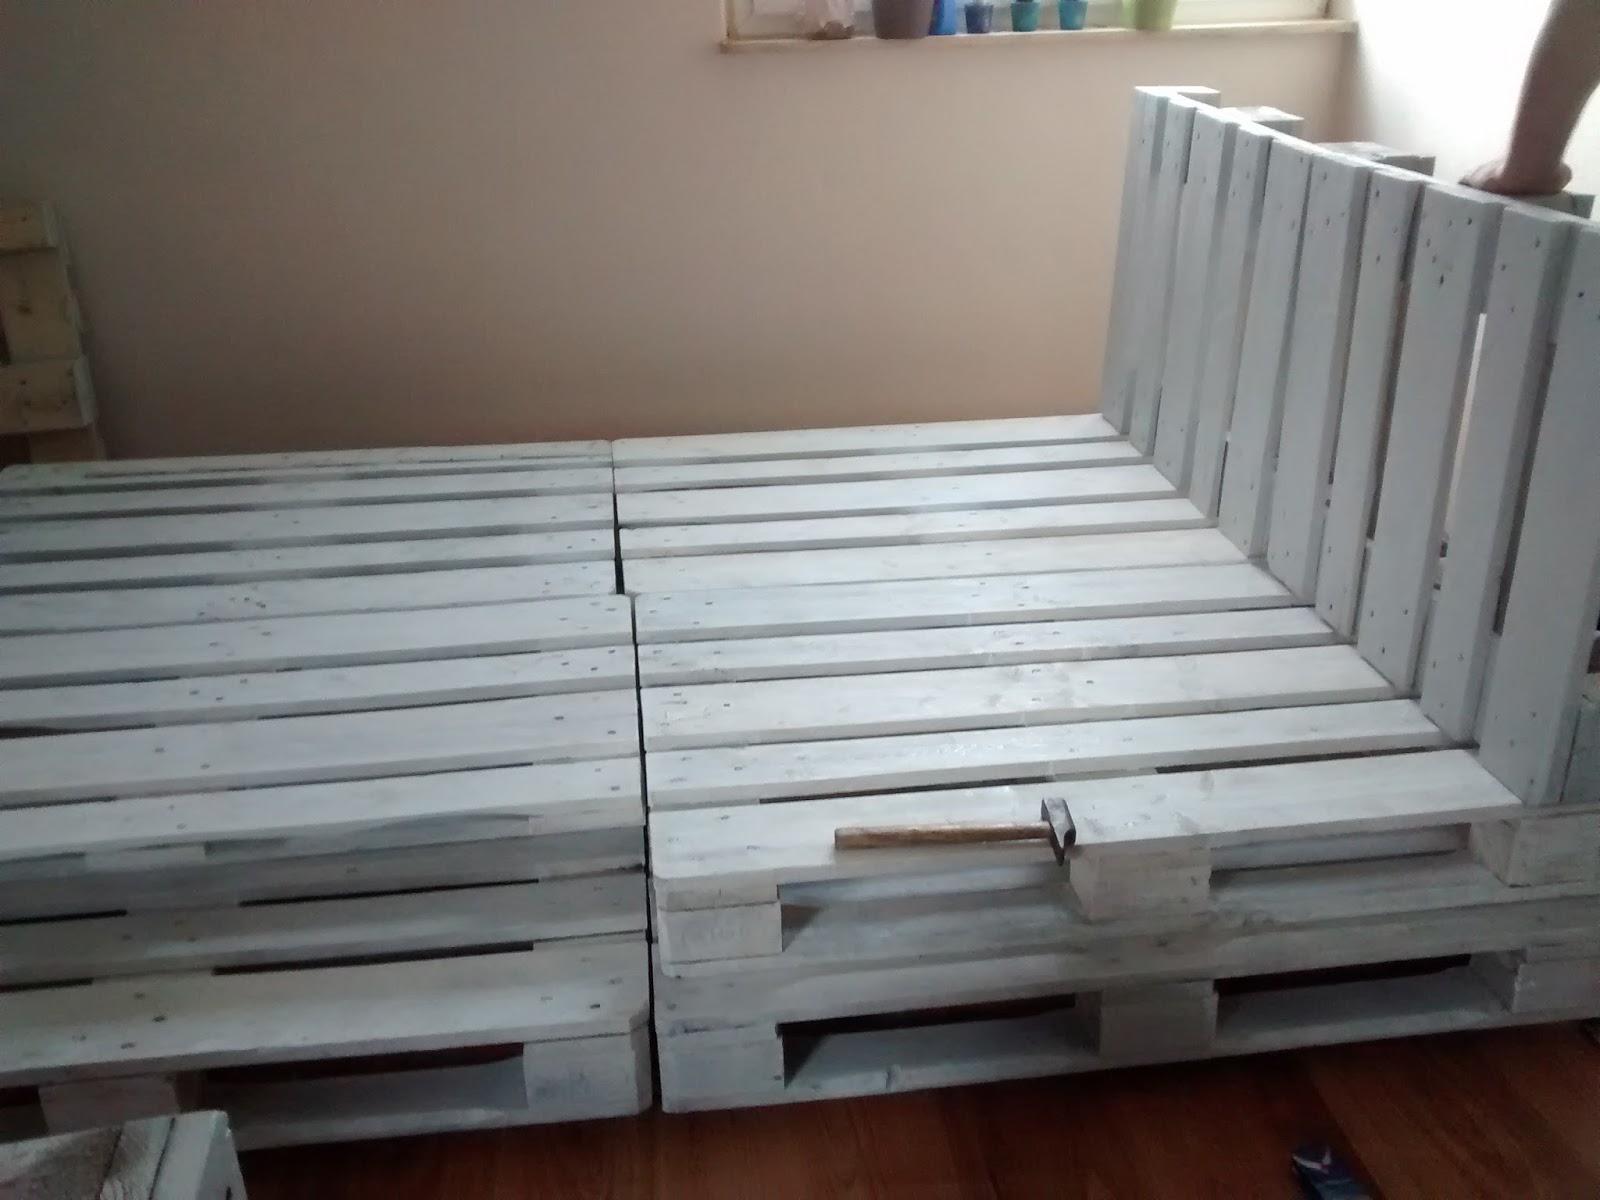 das endergebnis diypalettenbett. Black Bedroom Furniture Sets. Home Design Ideas